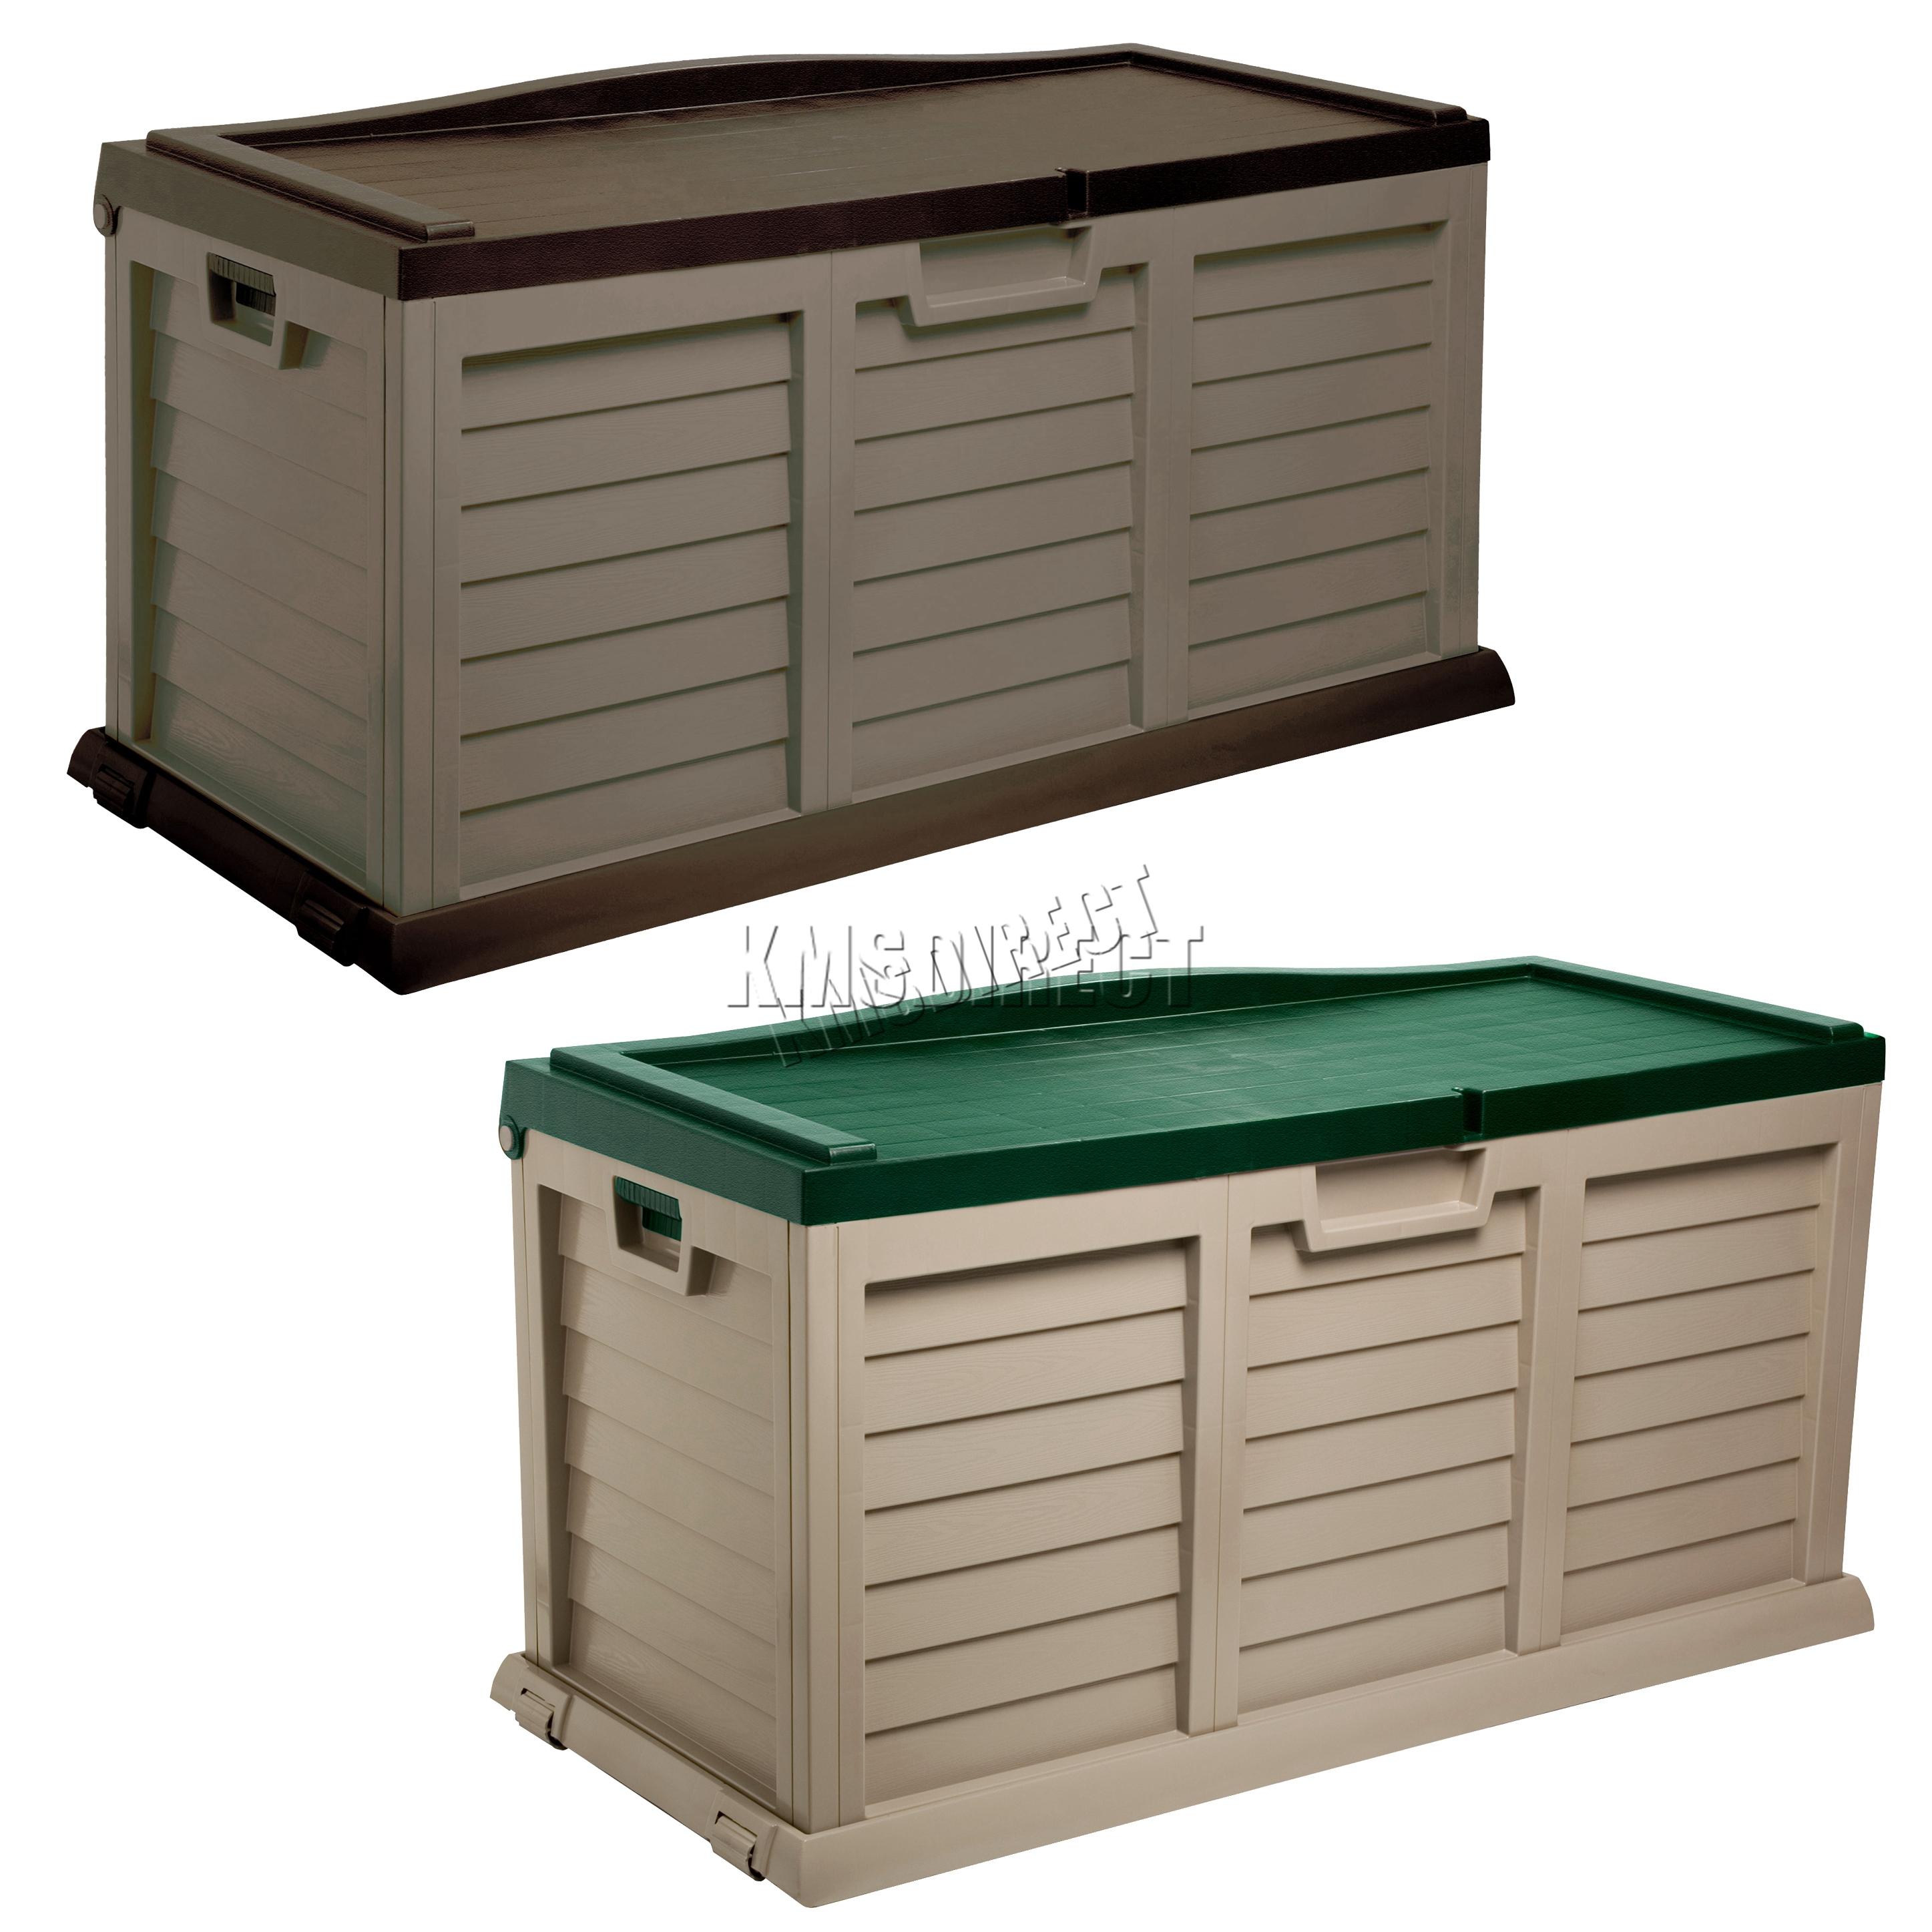 sentinel starplast outdoor garden storage utility chest cushion box case  440l UUHMMRP